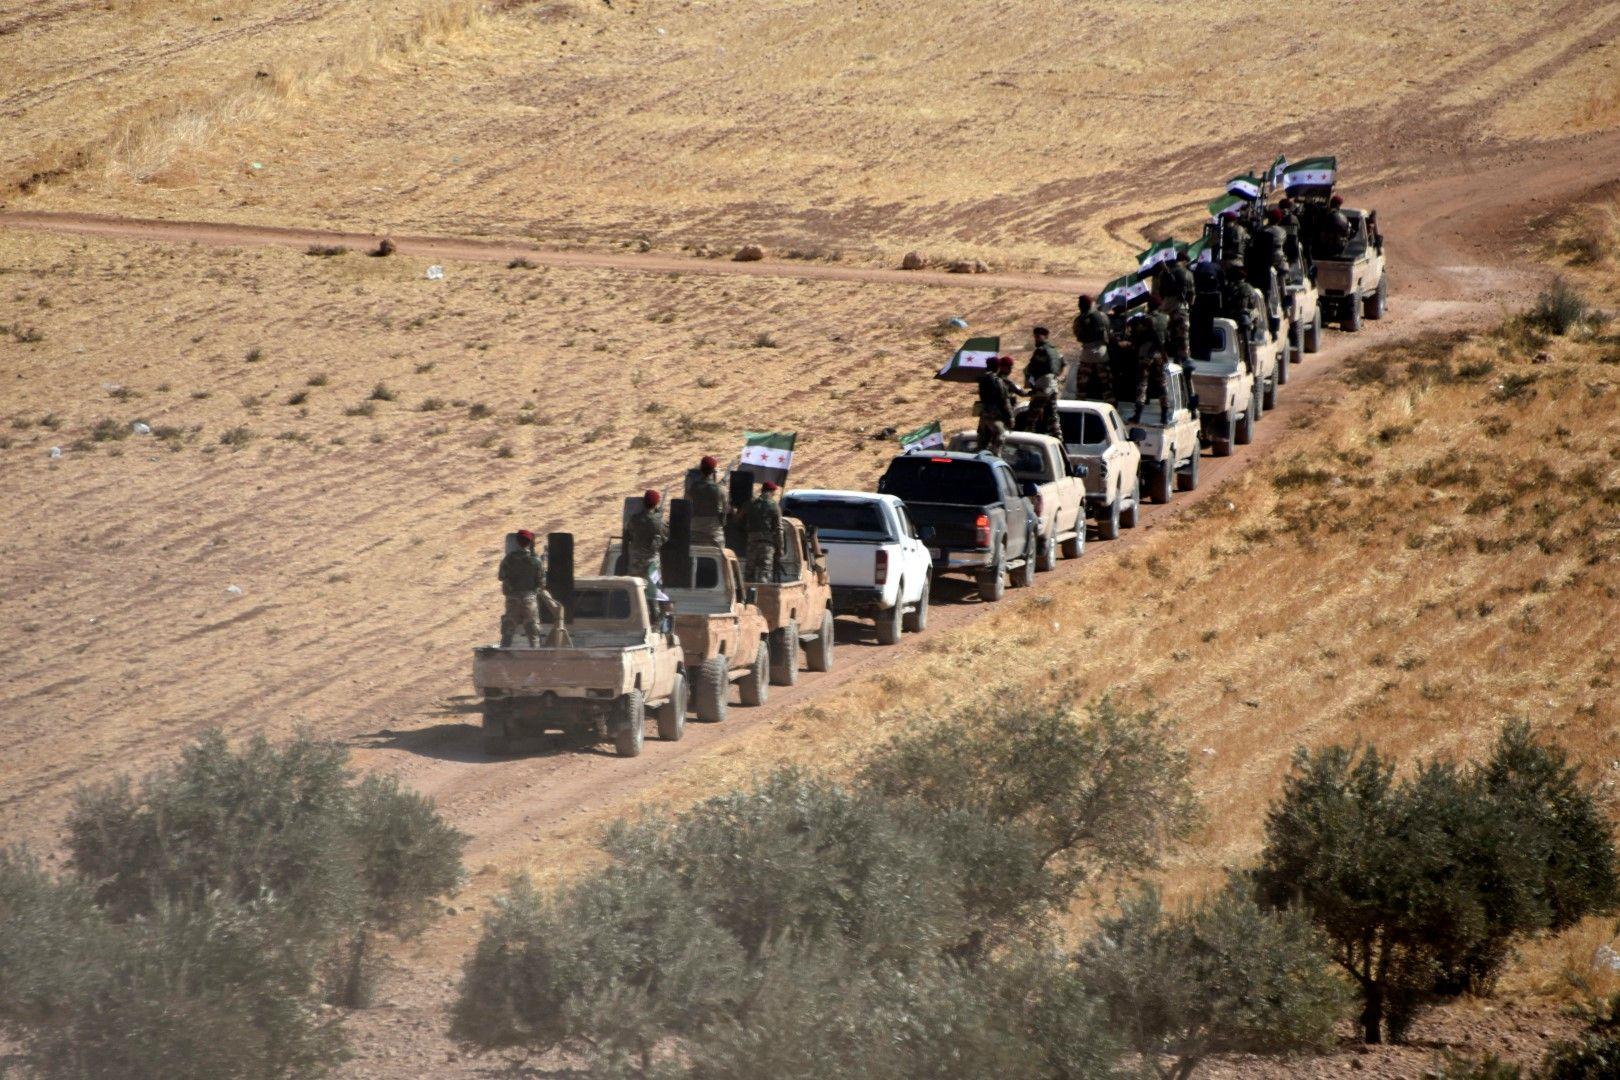 Сирийски бунтовници навлизат в Сирия от територията на Турция в подкрепа на турската армия